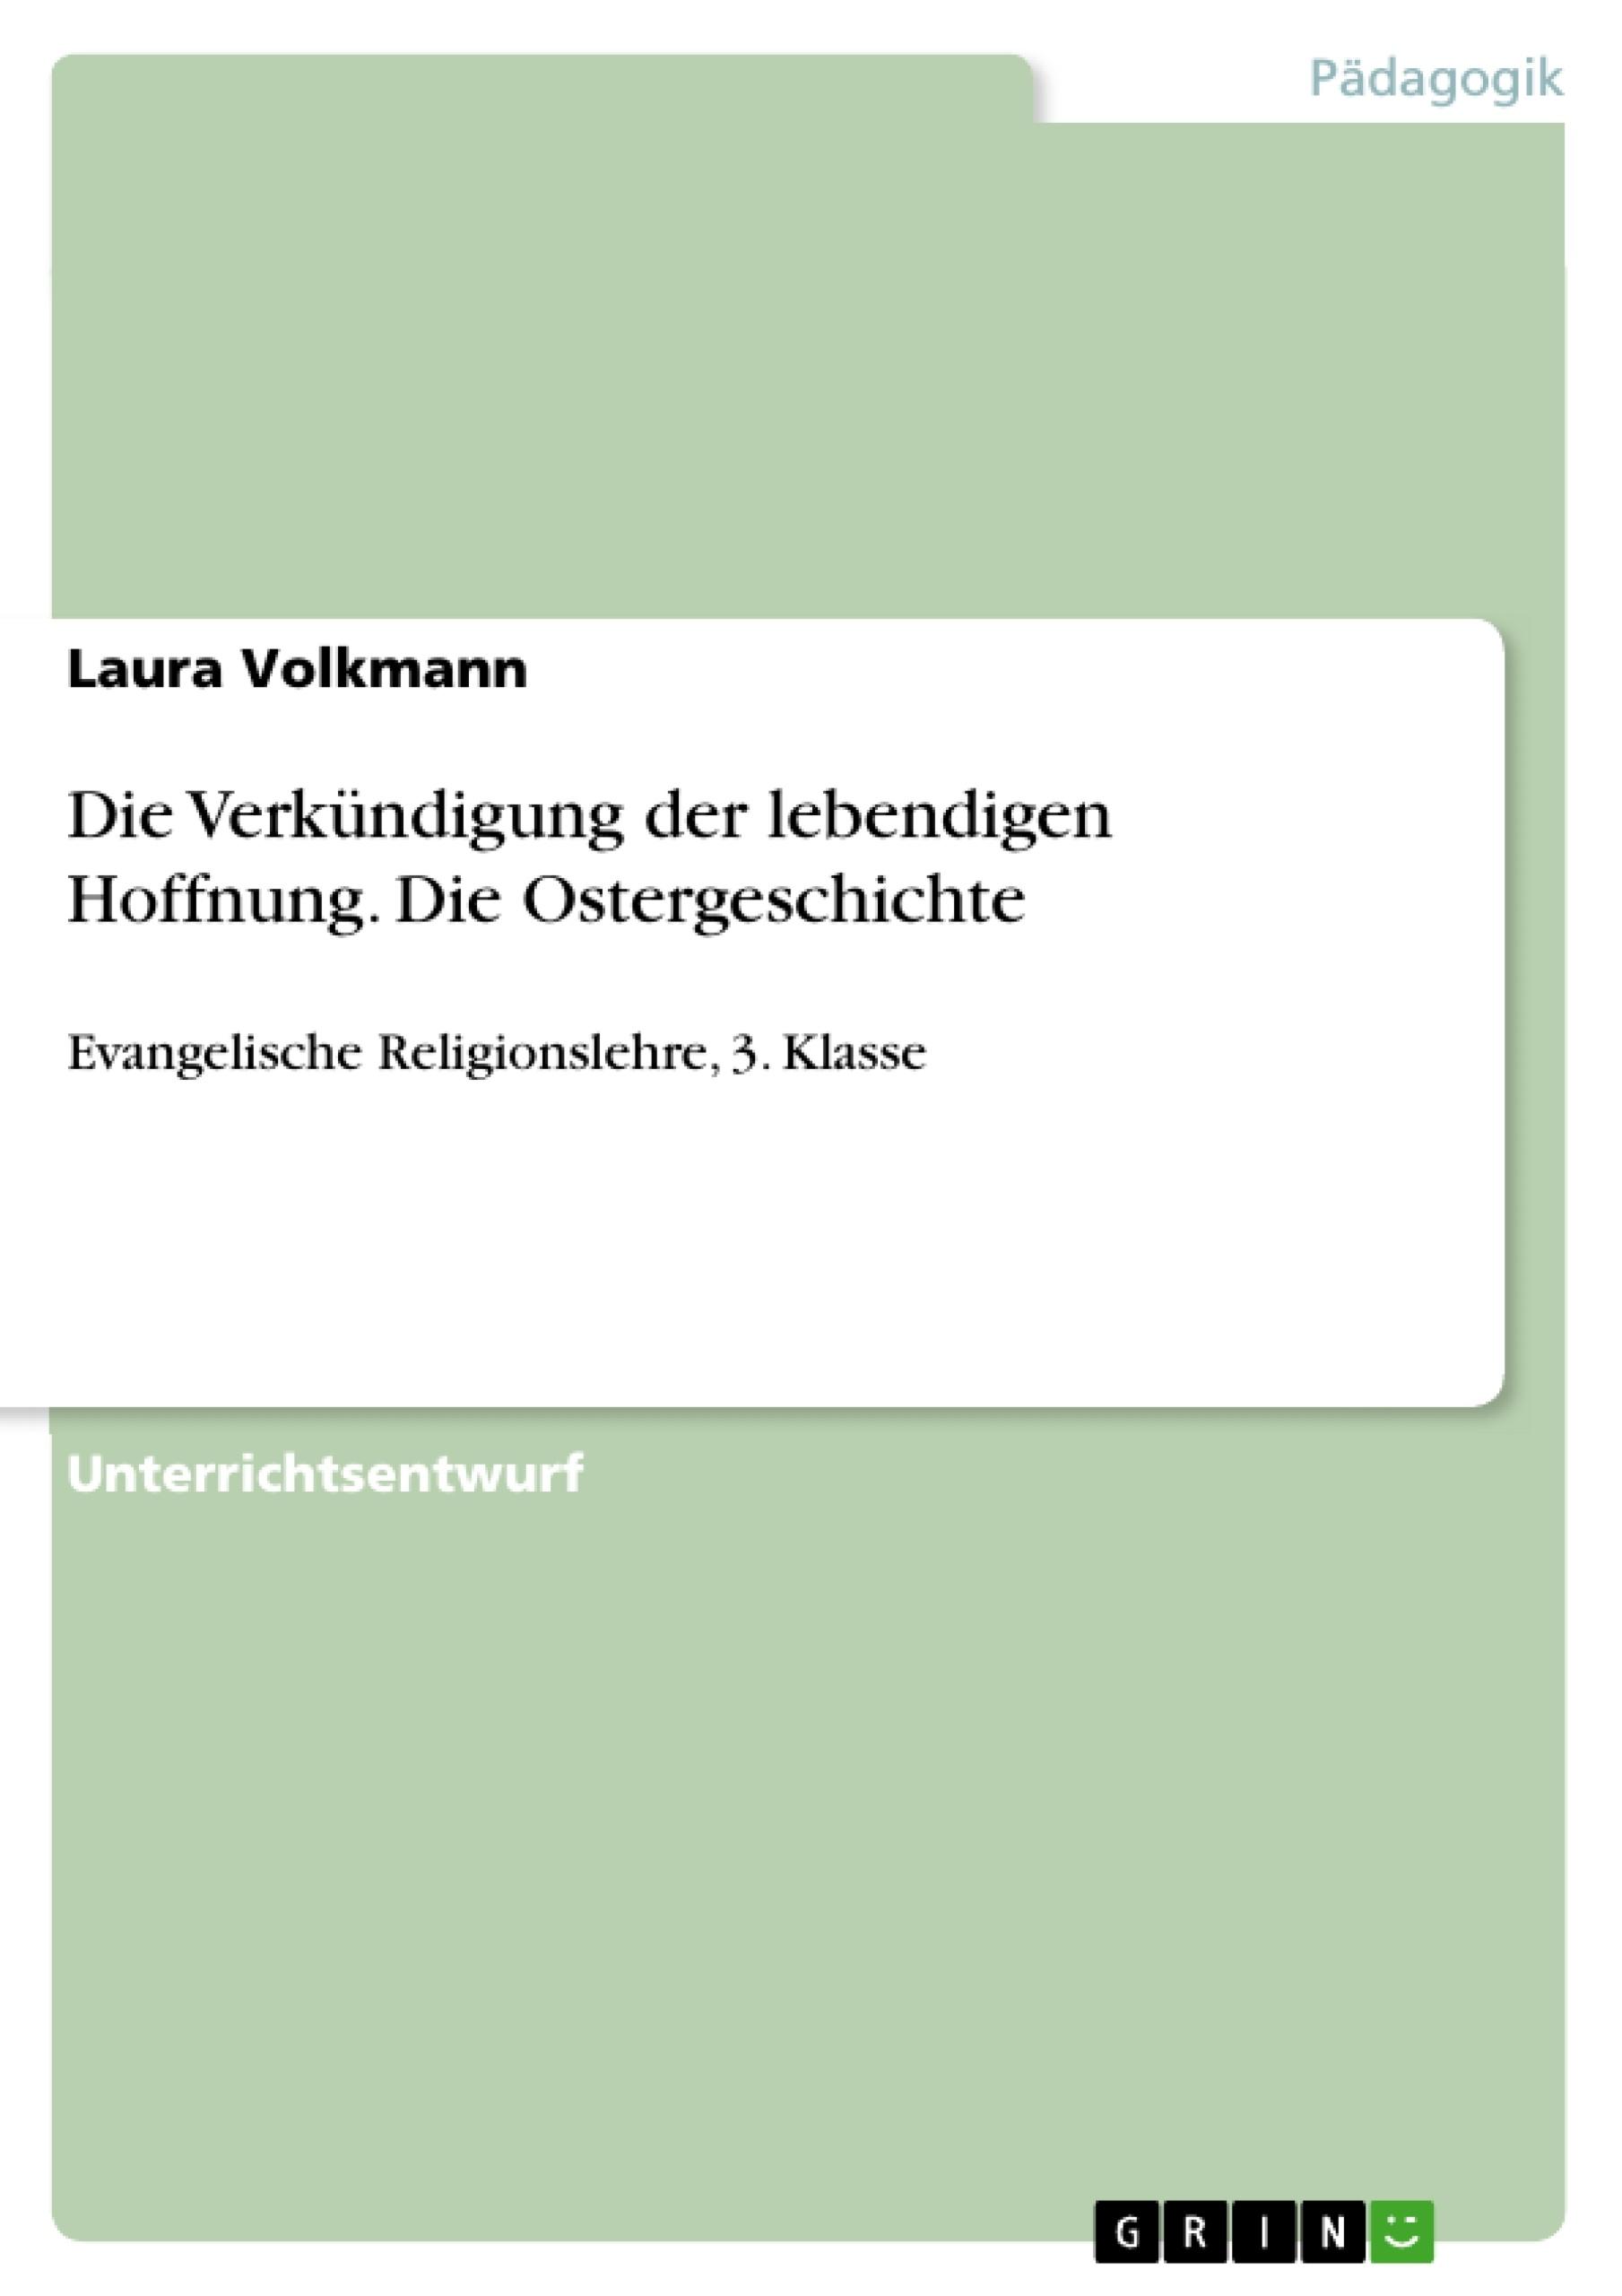 Titel: Die Verkündigung der lebendigen Hoffnung. Die Ostergeschichte